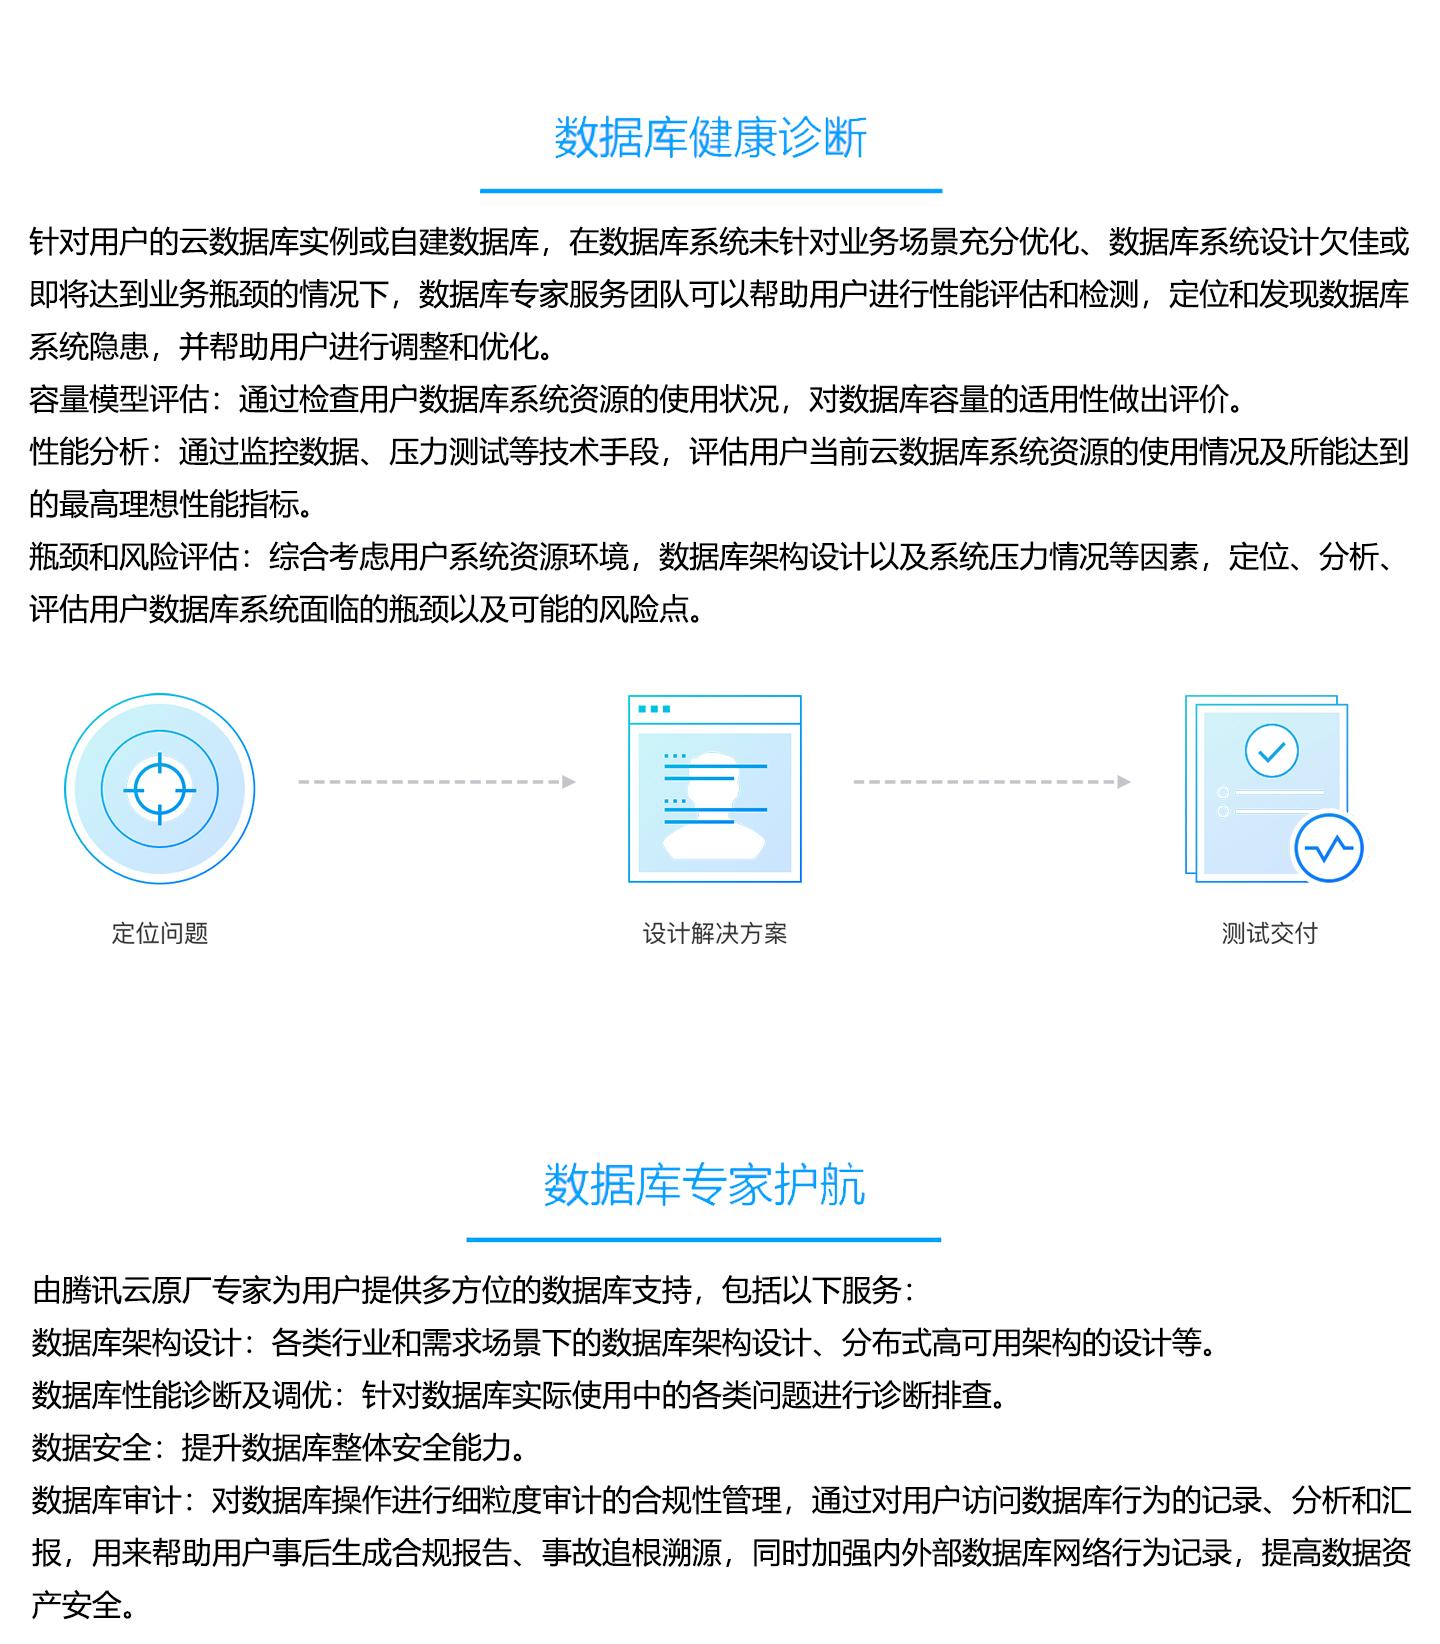 数据库专家服务-DES-1440_03.jpg